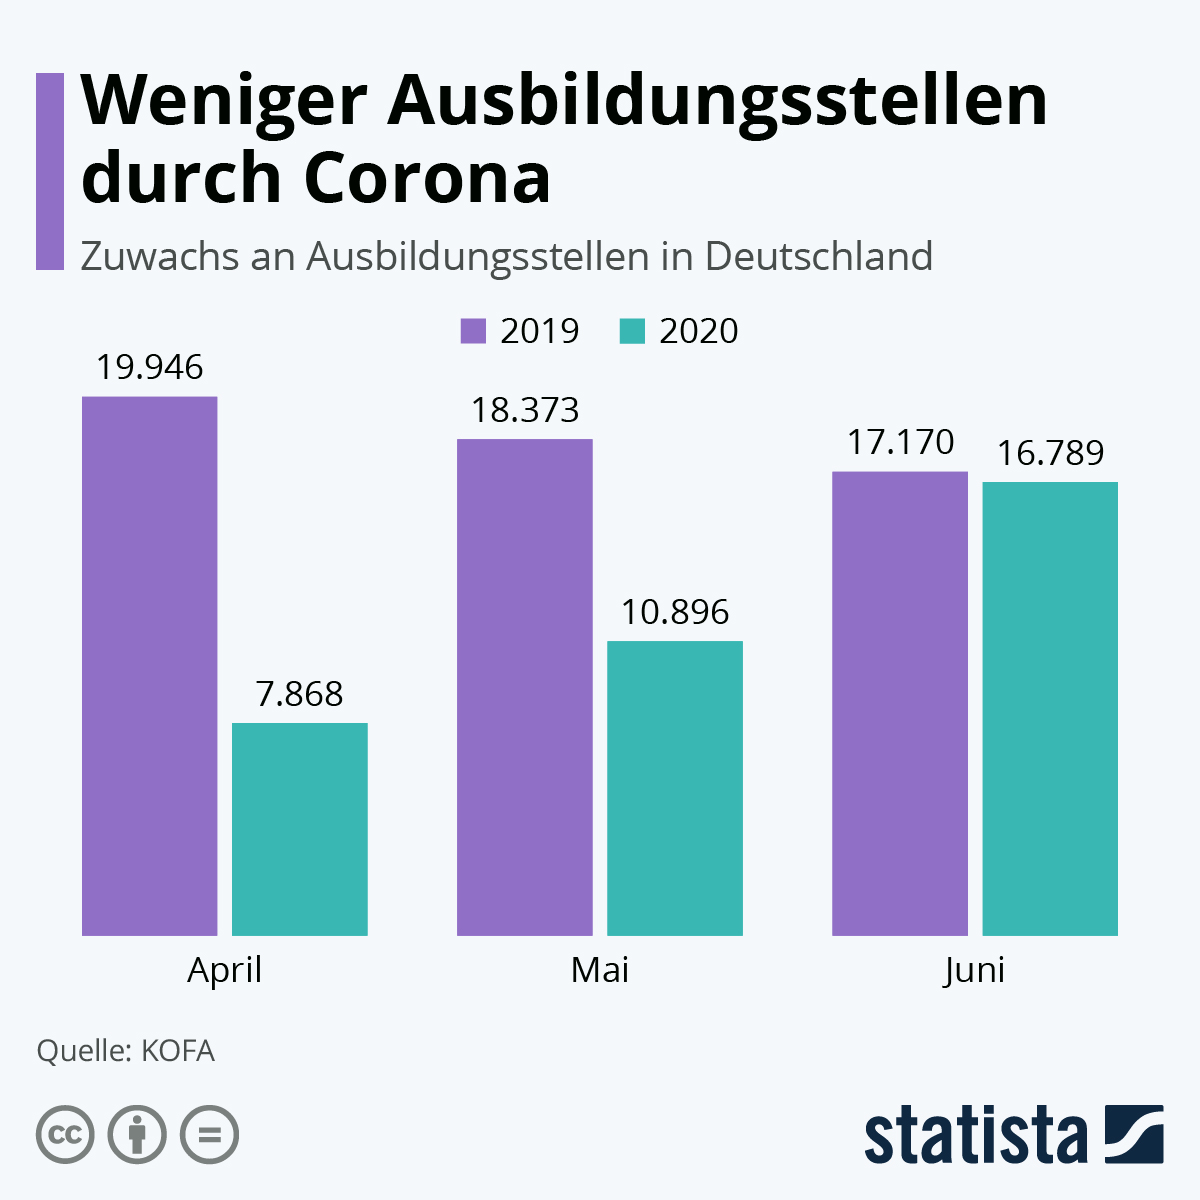 Infografik: Weniger Ausbildungsstellen durch Corona | Statista